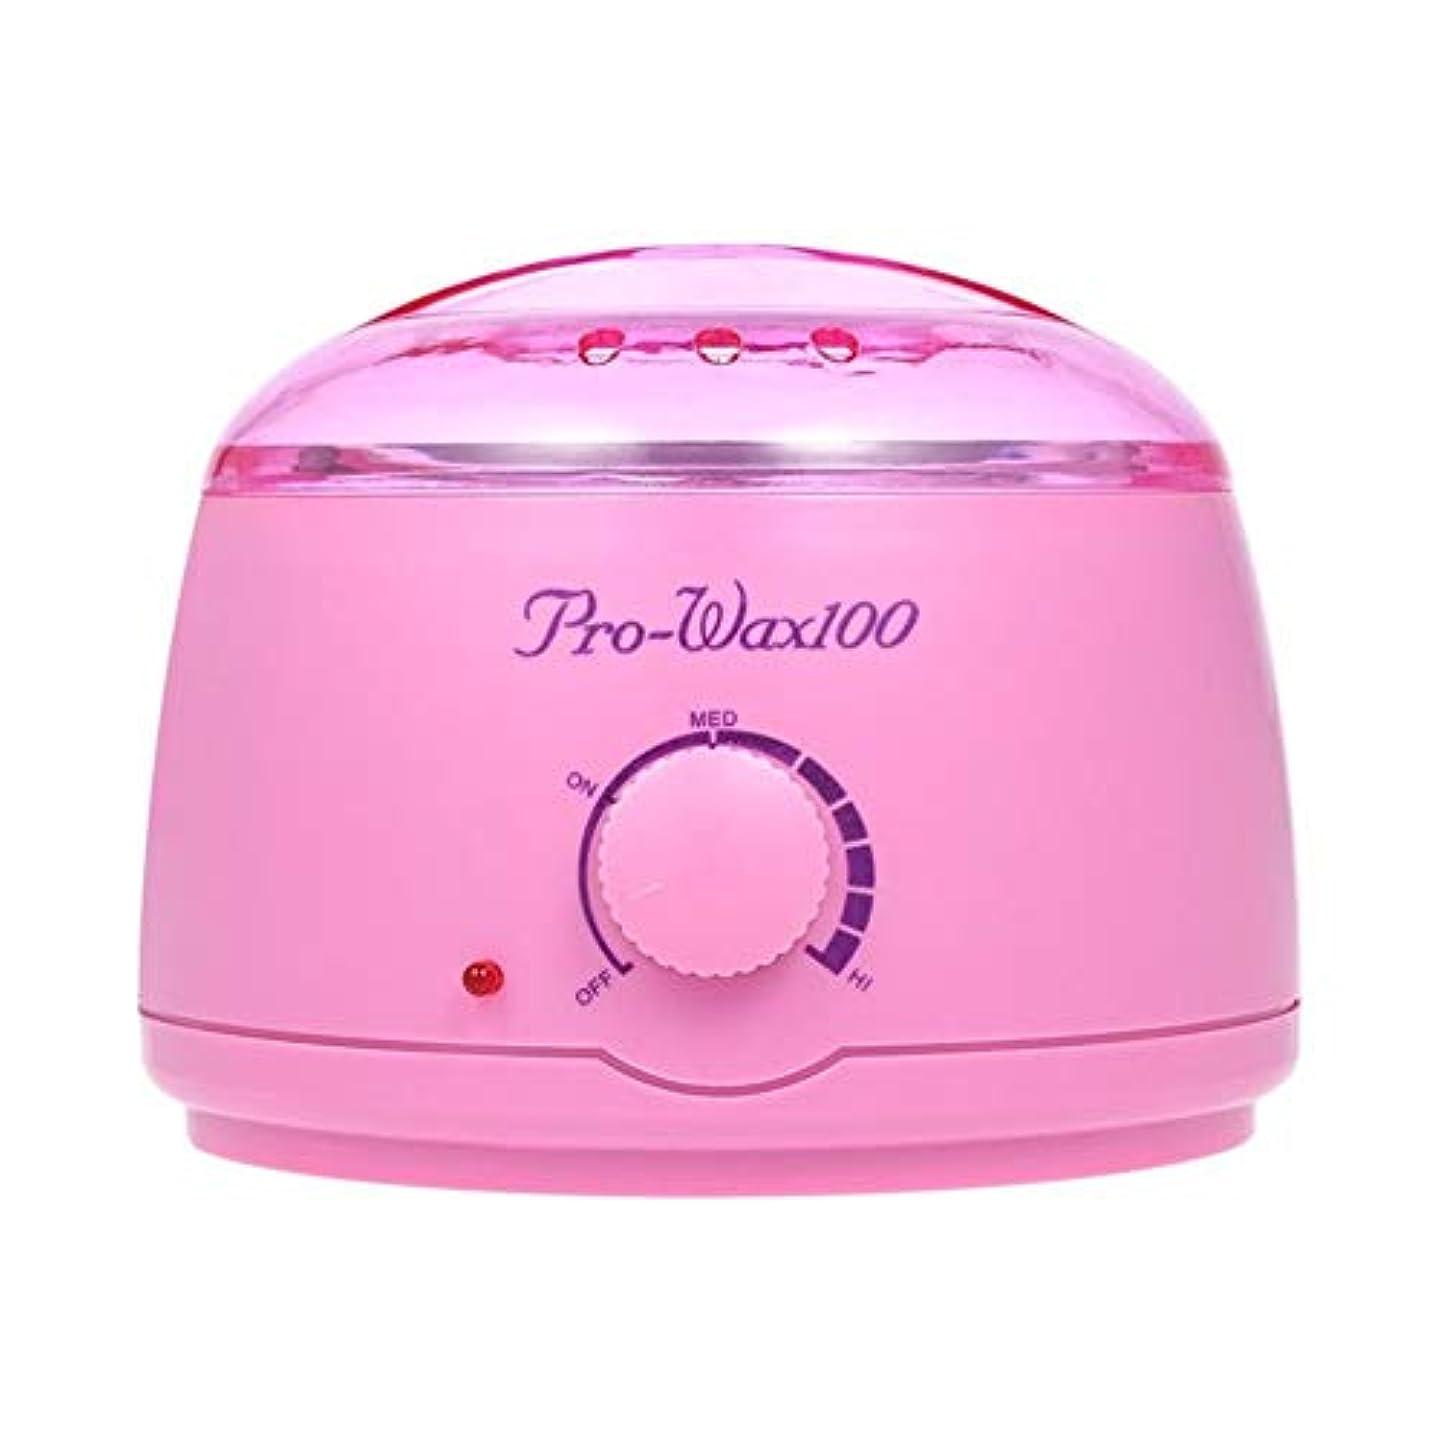 予防接種伝染病考える脱毛、インテリジェントな温度制御のためのワックスヒータープロワックス100,ピンク